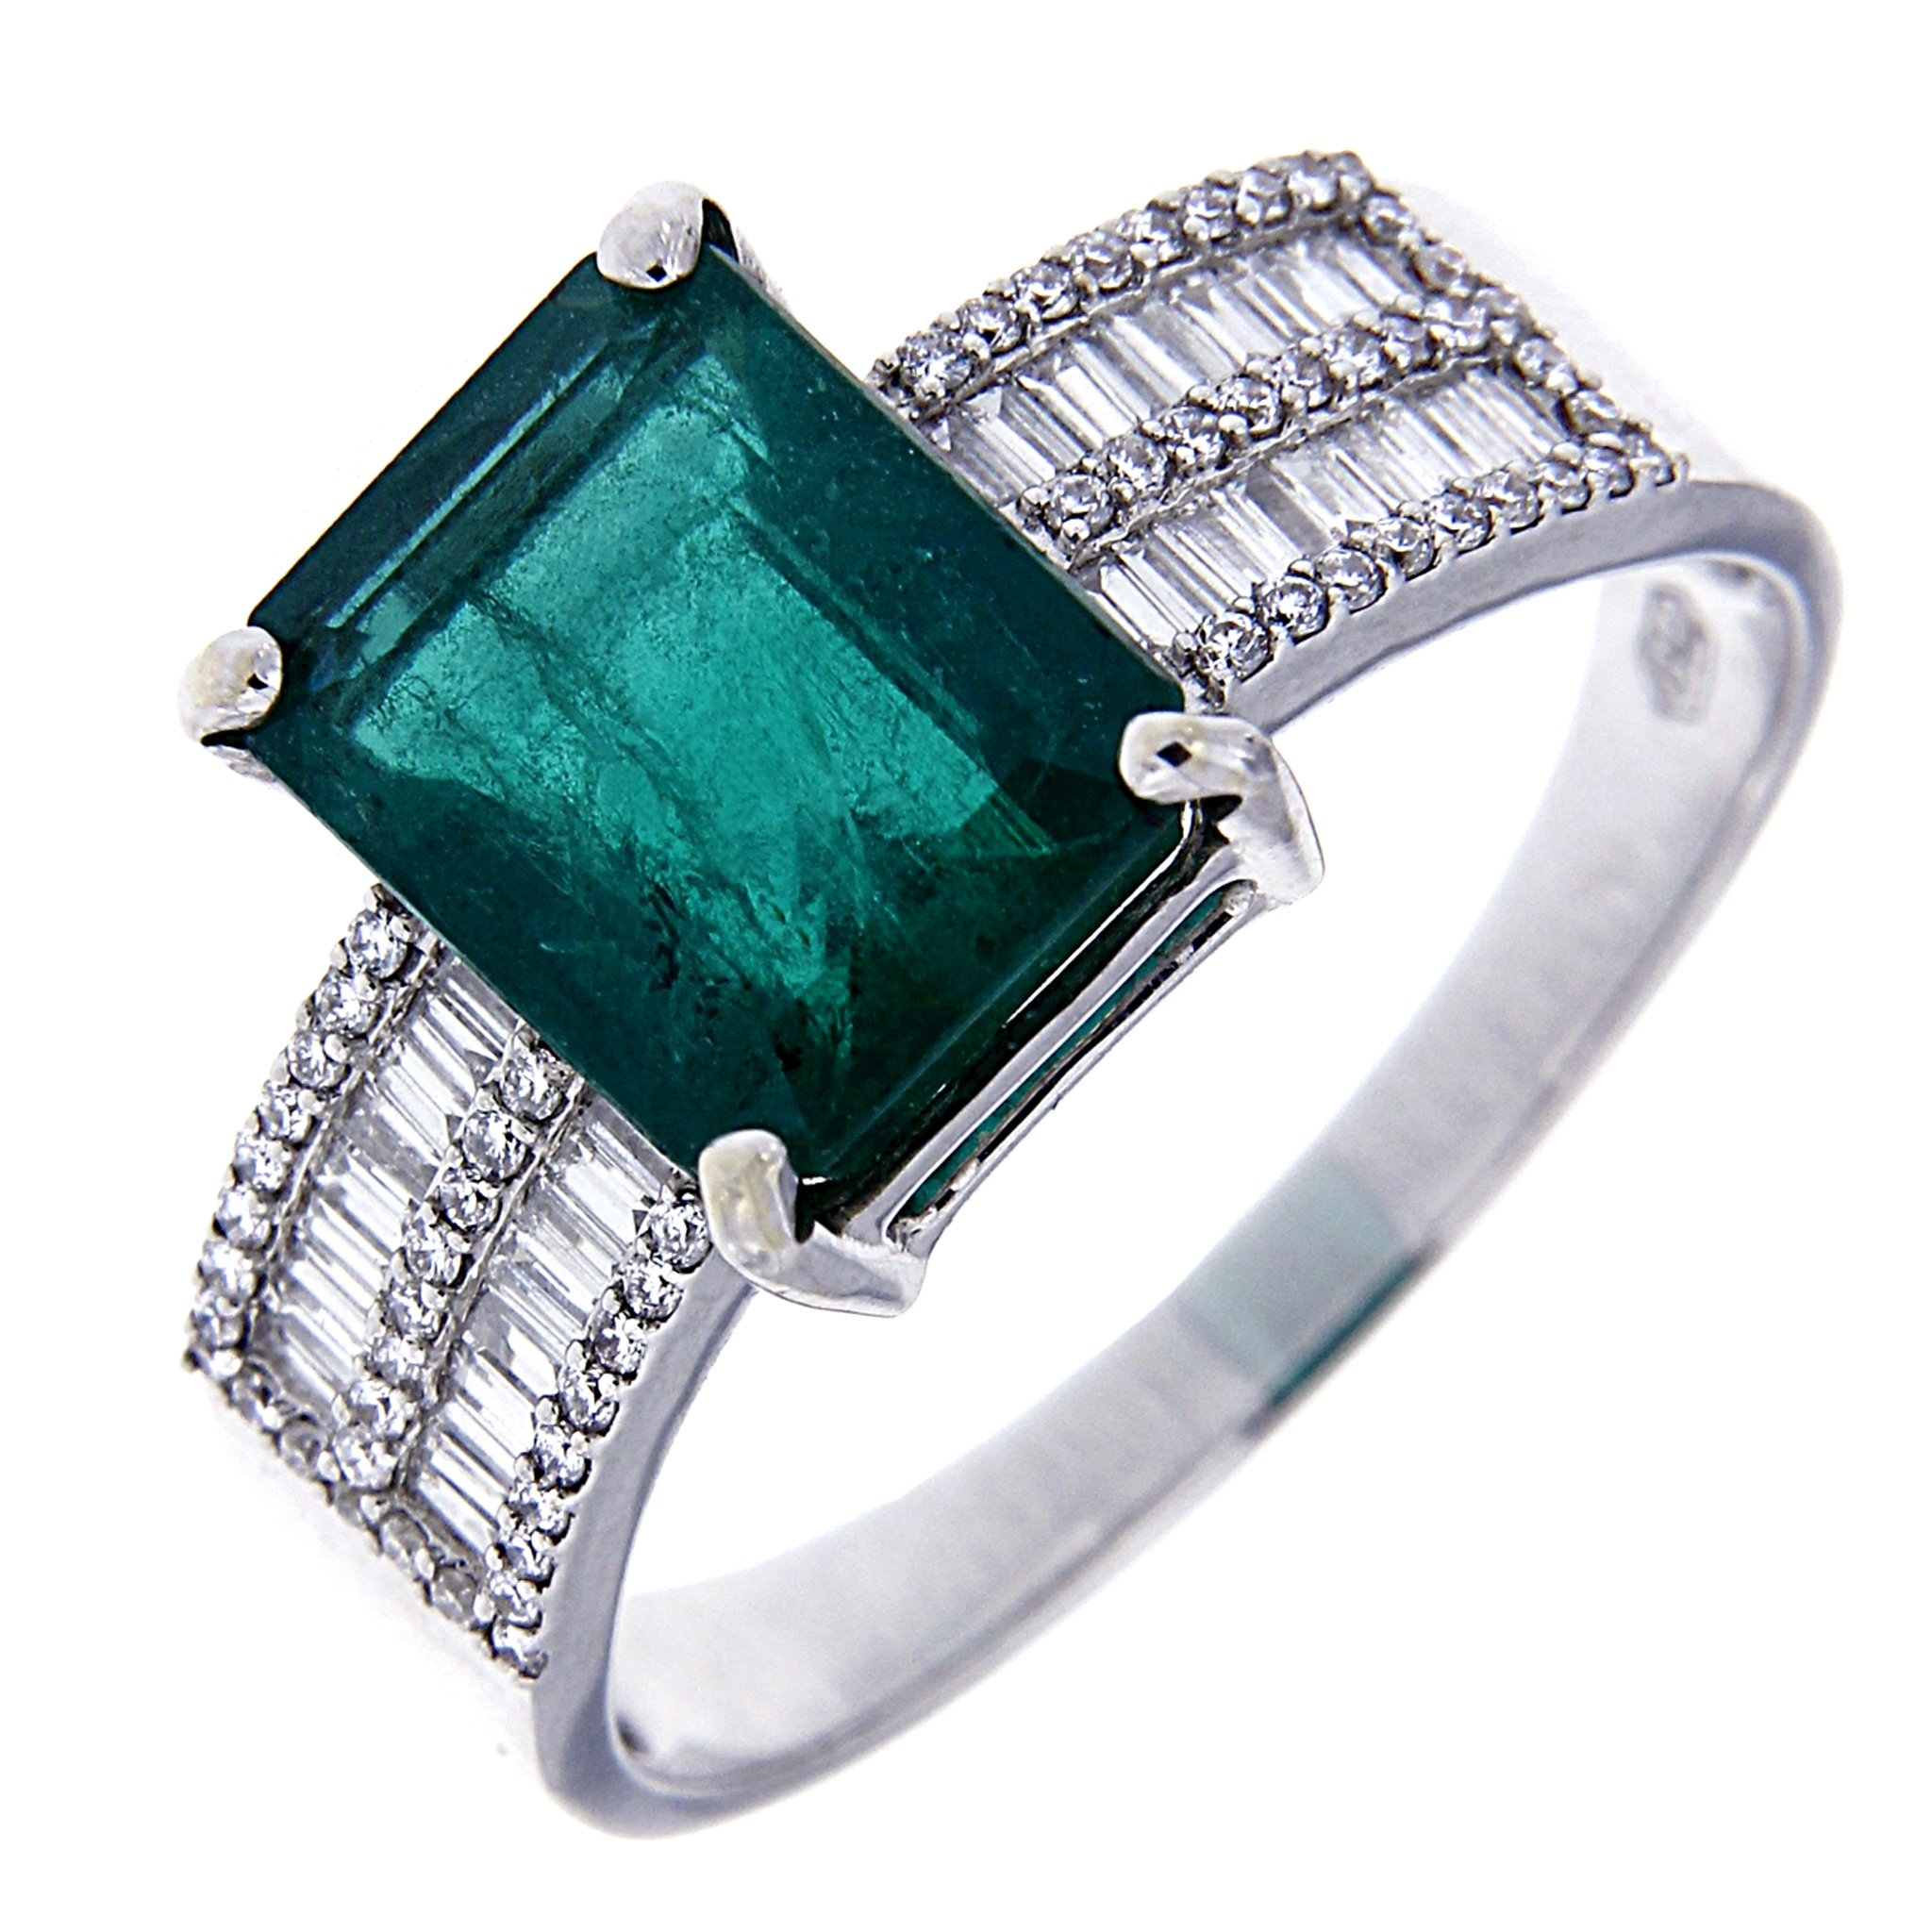 abbastanza Anello Argento Con Smeraldo: Anello con smeraldo ottagonale e  PJ67